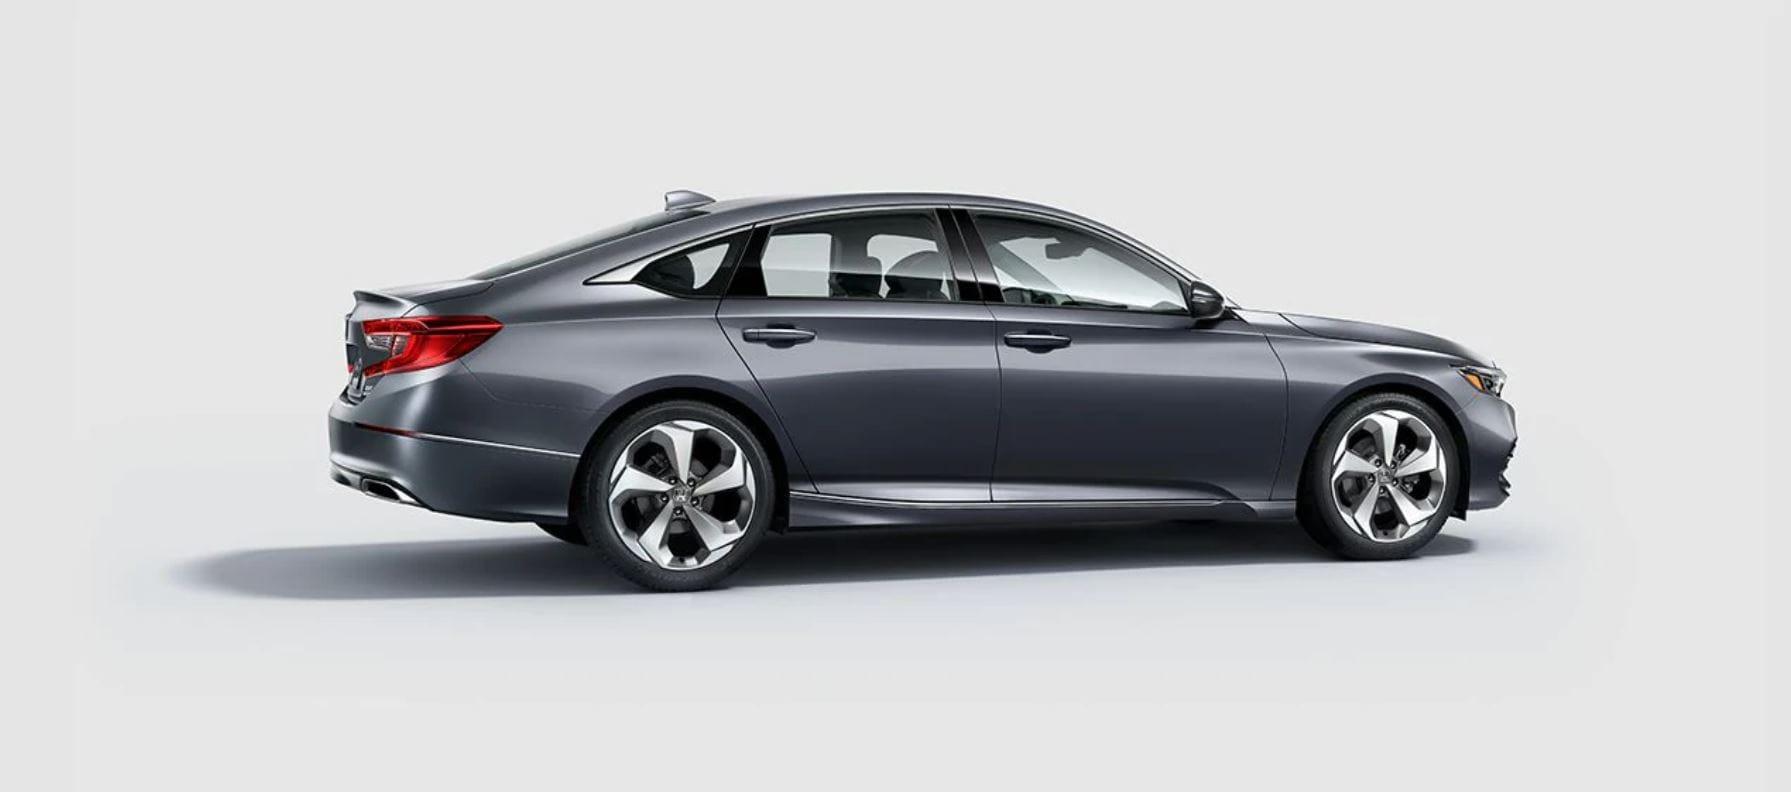 Purchase a Car Online 2020 Honda Accord Near Aurora CO